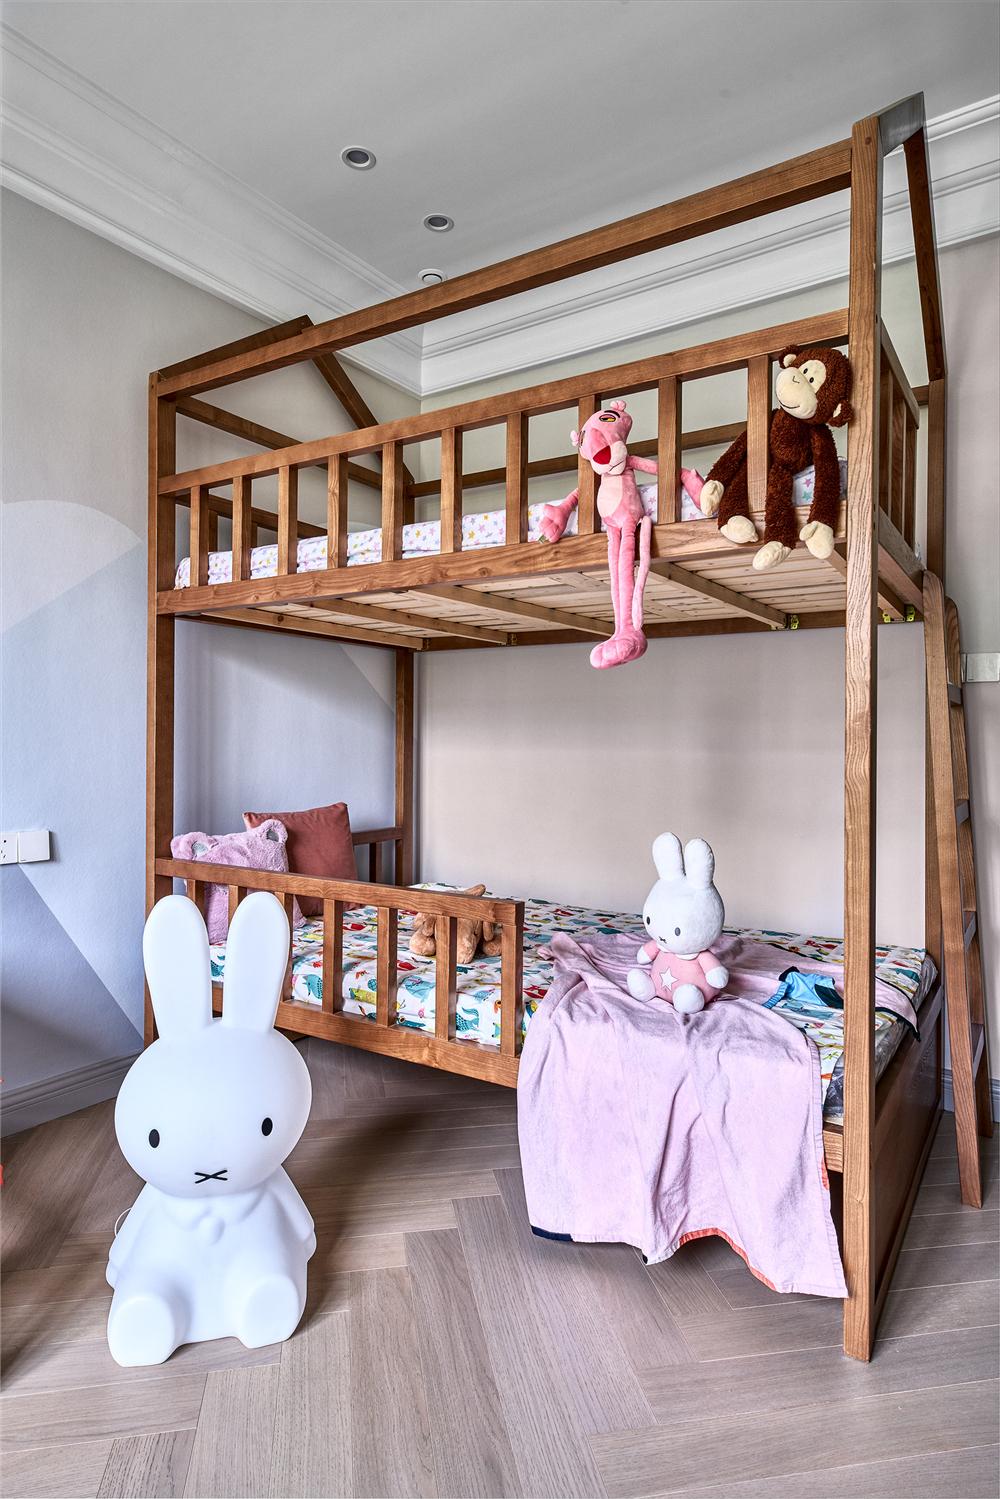 美式轻奢风别墅装修儿童床设计图